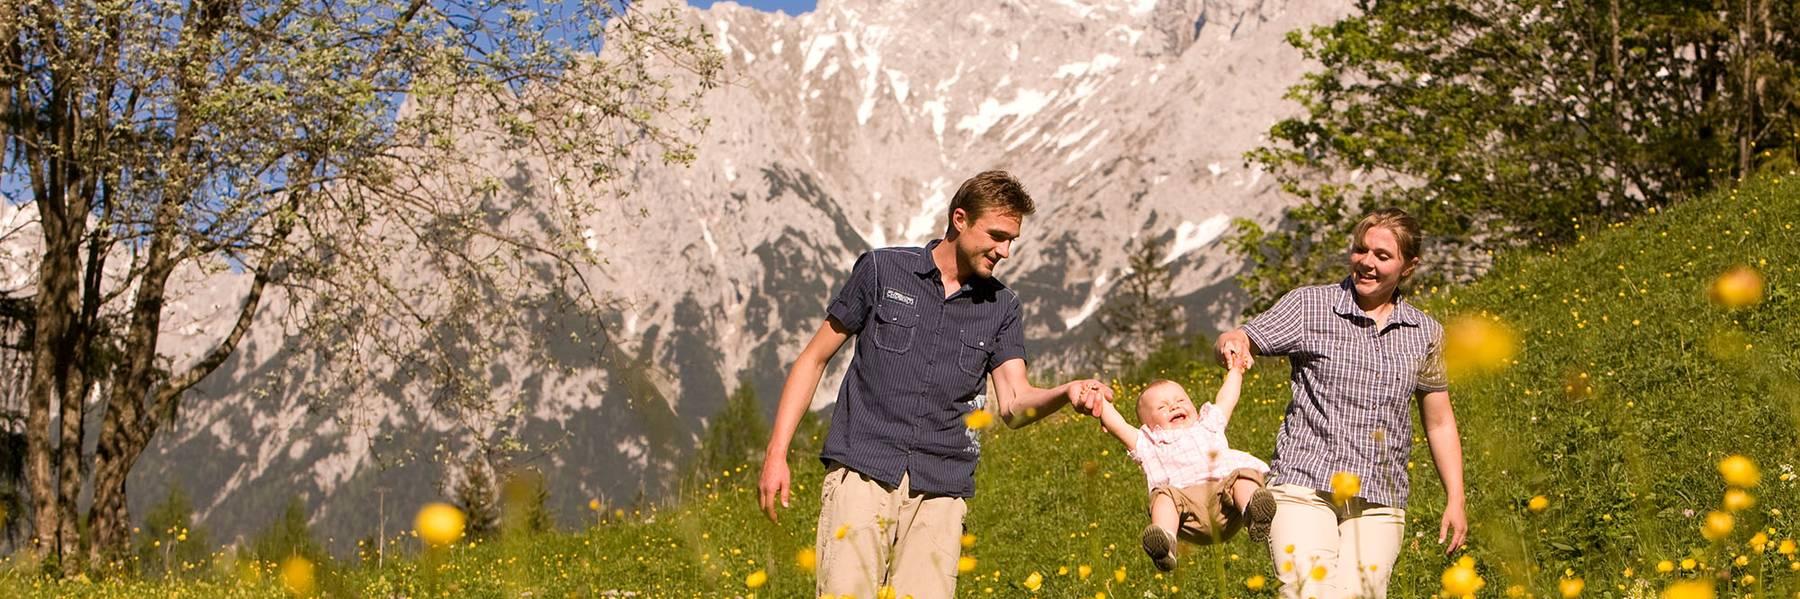 Sommer Urlaub in Mittenwald